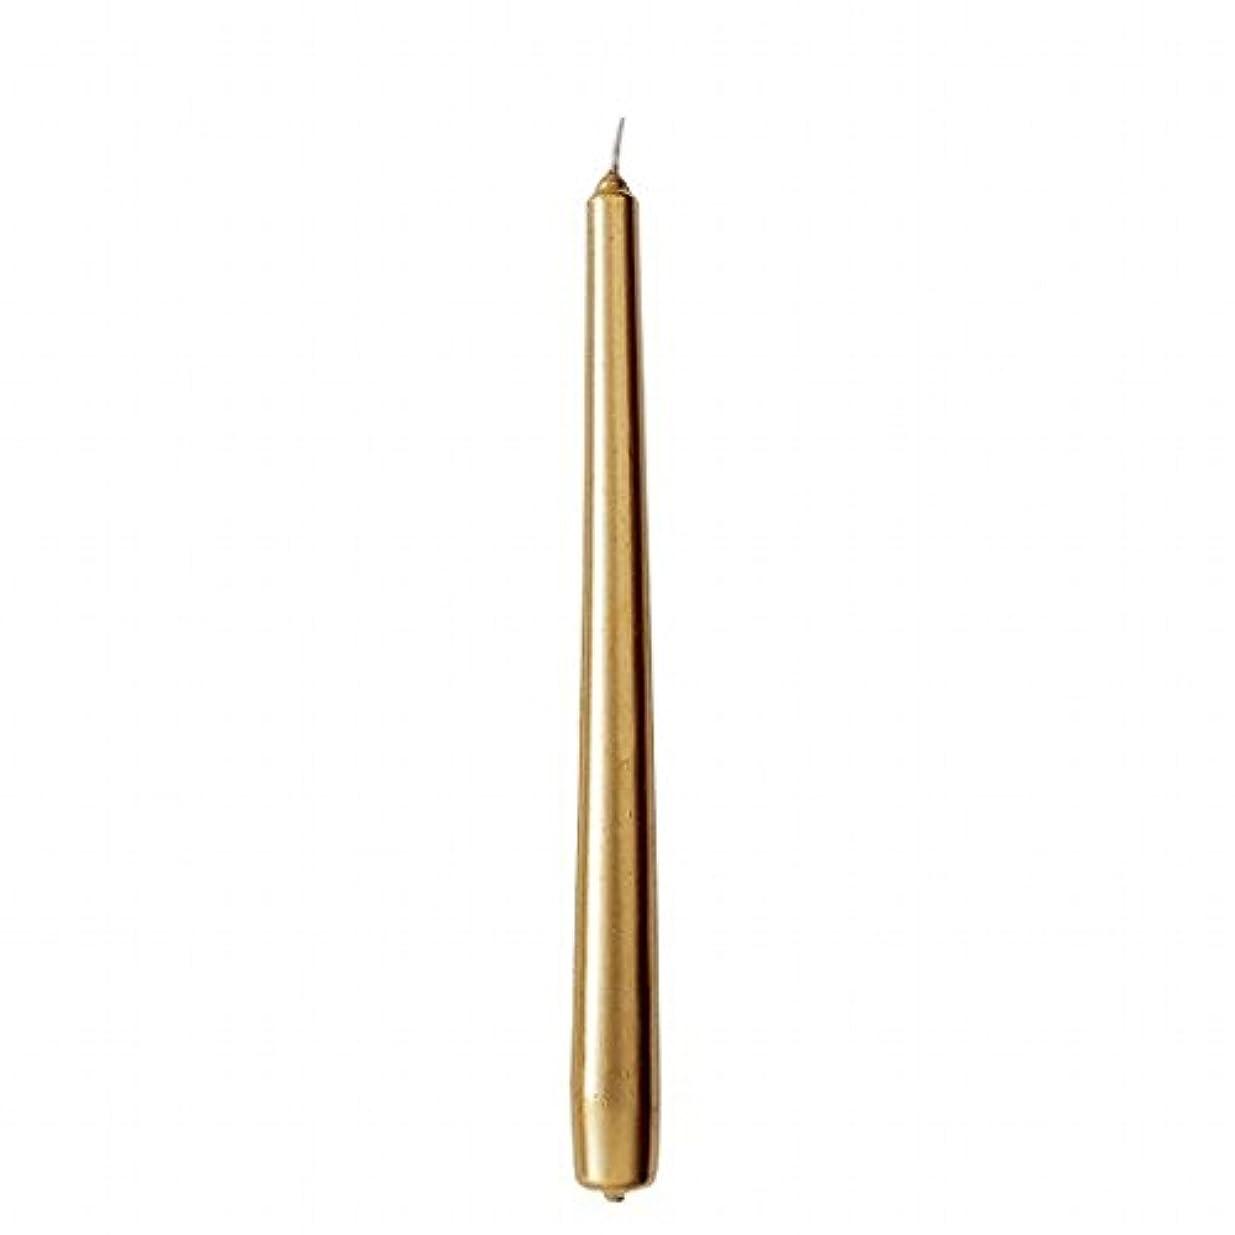 プラスラフレシアアルノルディトリップカメヤマキャンドル(kameyama candle) 10インチテーパー 「 ゴールド 」 12本入り